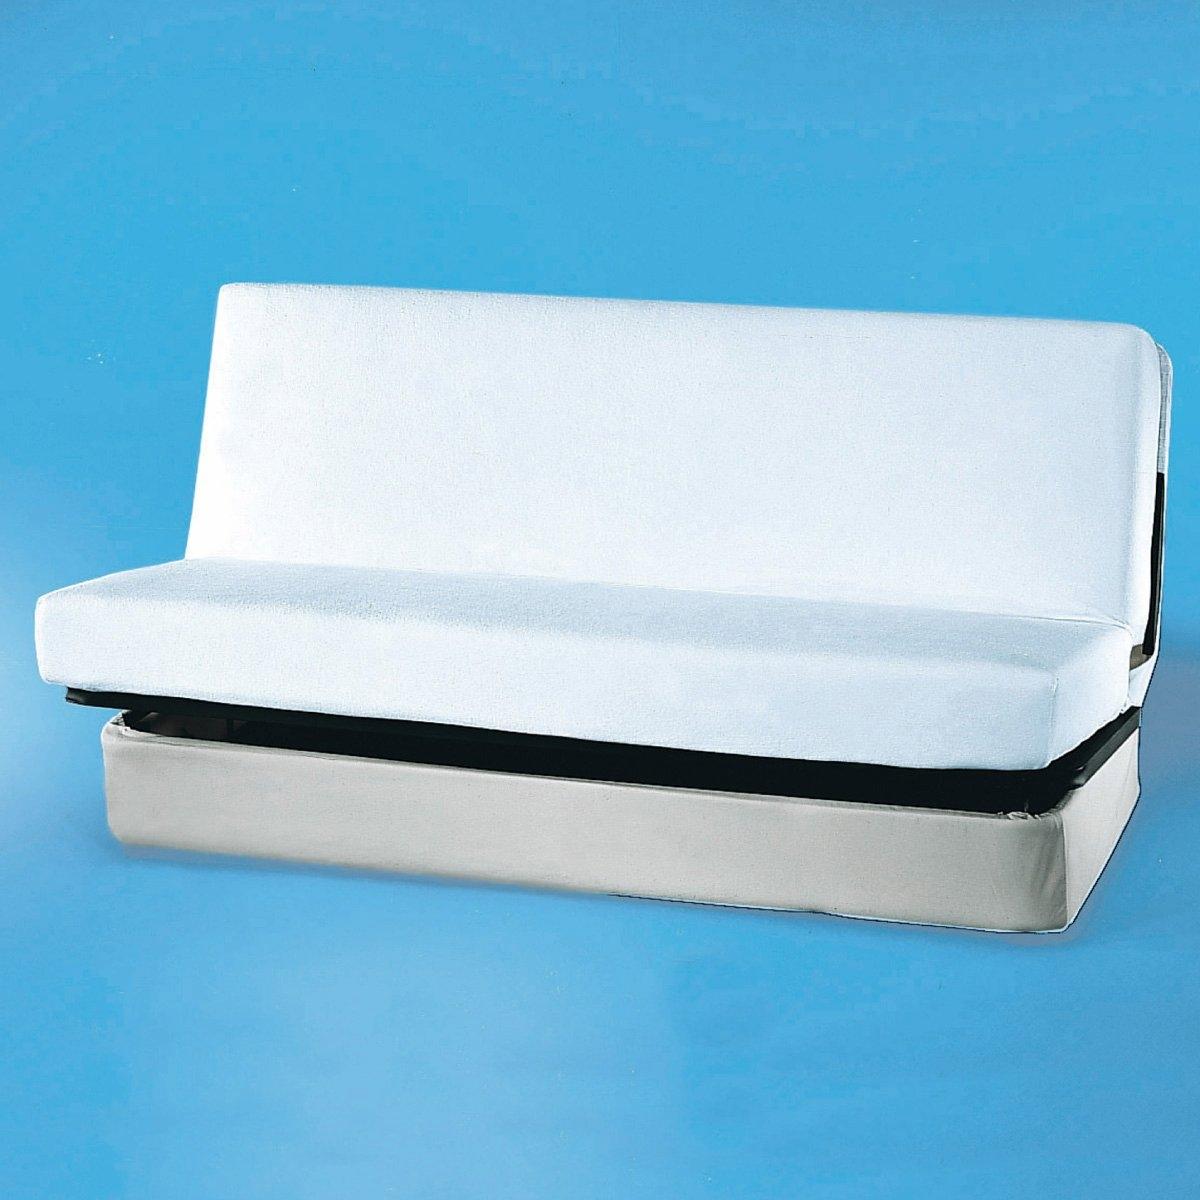 Чехол защитный для дивана-книжкиКачество VALEUR S?RE. Ультрамягкий и удобный чехол для дивана-книжки. Дышит, выводит выделяемую телом во время сна влаги, не промокает, защищает от бактерий. Махровая ткань стретч, 100% хлопка, с полиуретановой пропиткой. Длина 190 см. 2 ширины на выбор. Клапан 27 см. 100% биоразлагаемый и безопасный для окружающей среды материал. Стирка при 60°.<br><br>Цвет: белый<br>Размер: 140 x 190 см